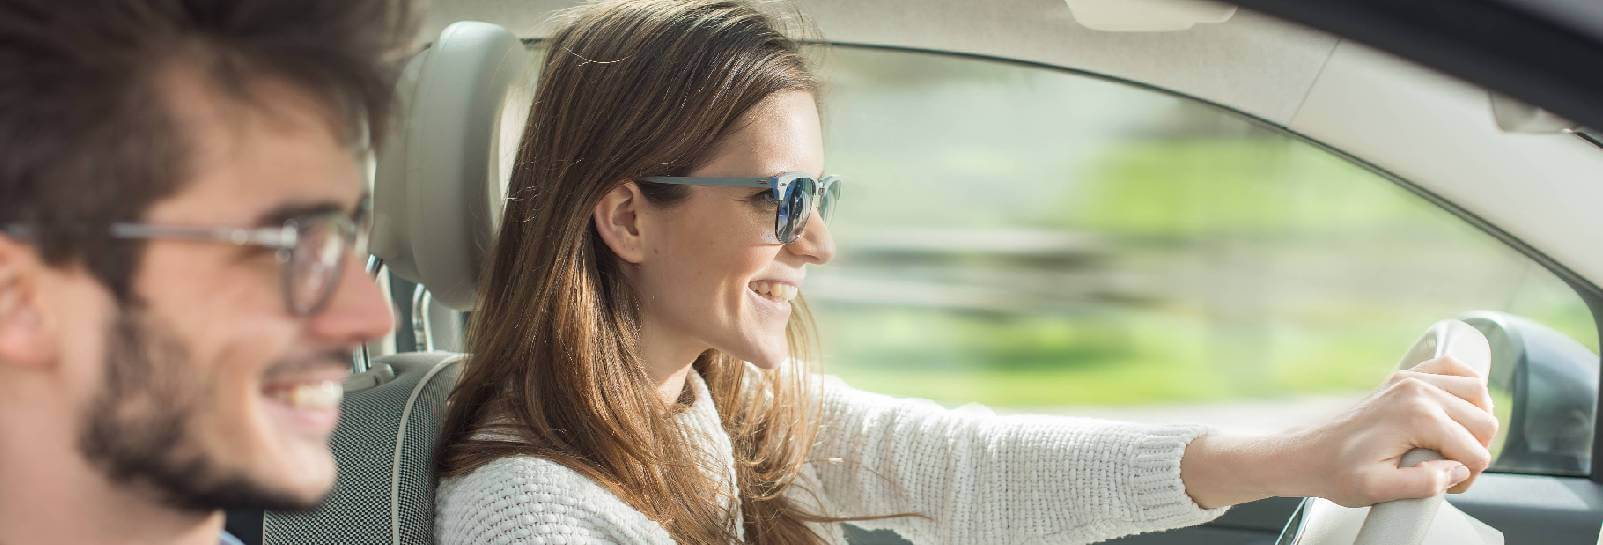 Toyota: Usados de Confiança. Mais Segurança, Mais Satisfação.